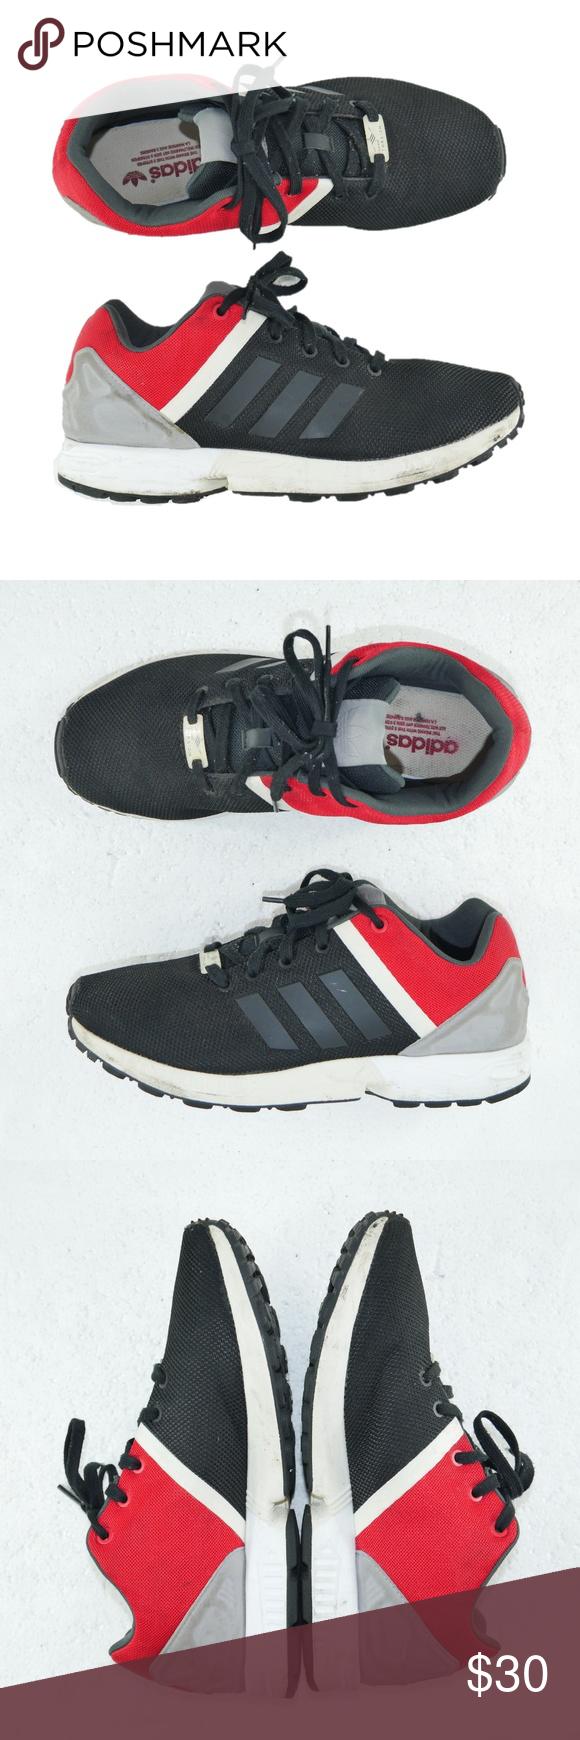 best service 6ad58 2646d Adidas Torsion ZX Flux Trainer Gym Shoes Men Sz 10 Adidas Torsion ZX Flux  Trainer Gym